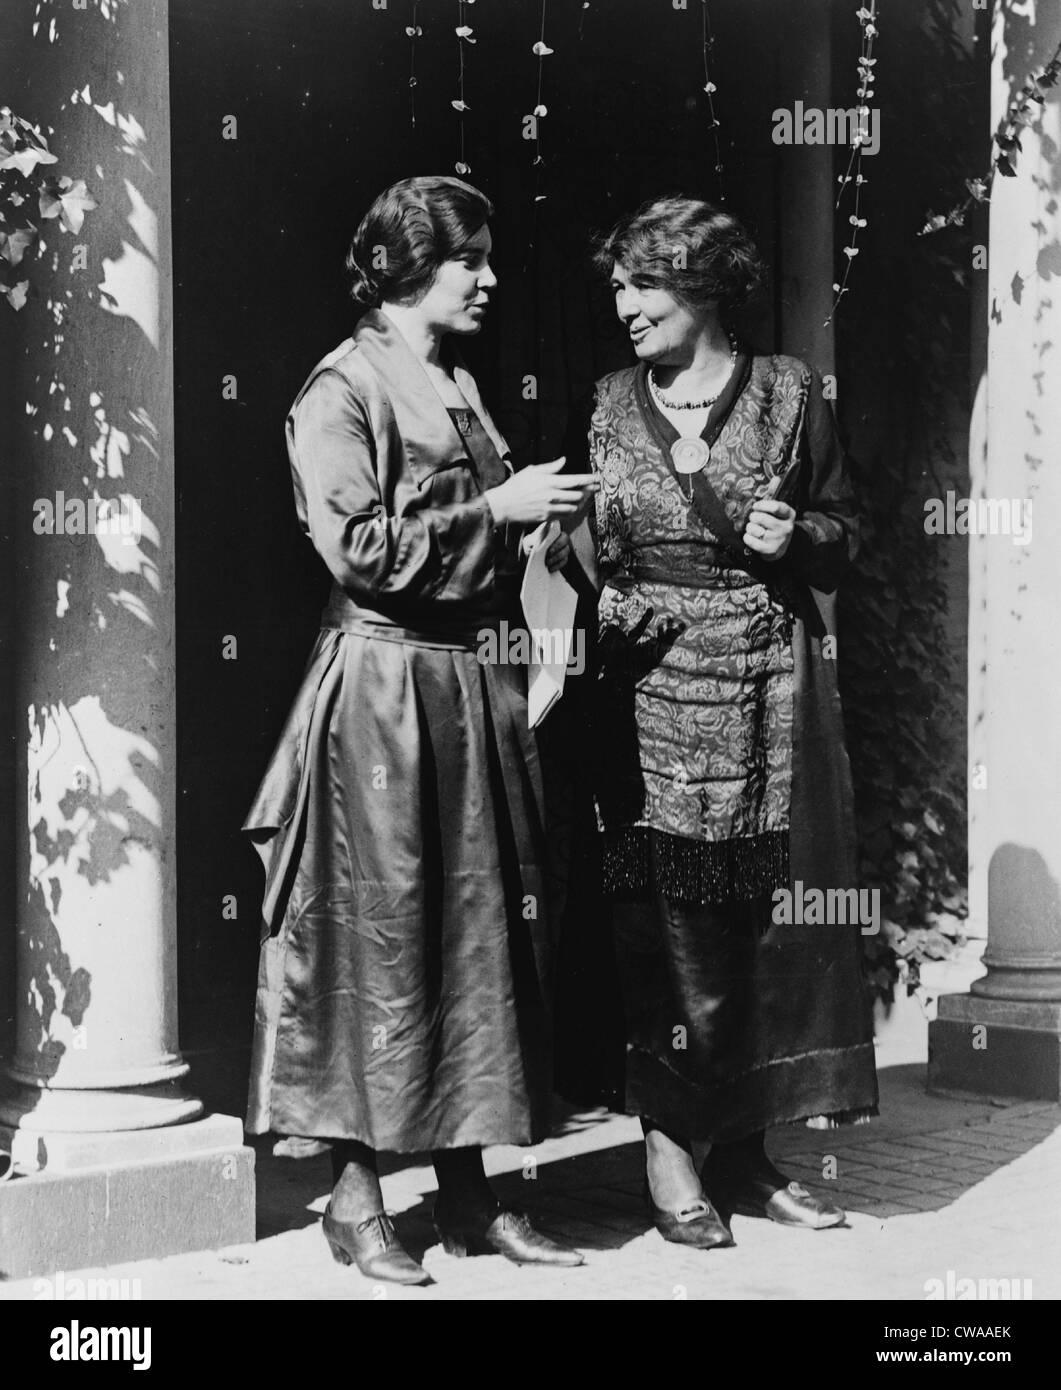 Alice Paul (1885-1977) et Emmeline Pethick-Lawrence (1867-1954) des militants américains et britanniques pour le suffrage des femmes et l'égalité Banque D'Images